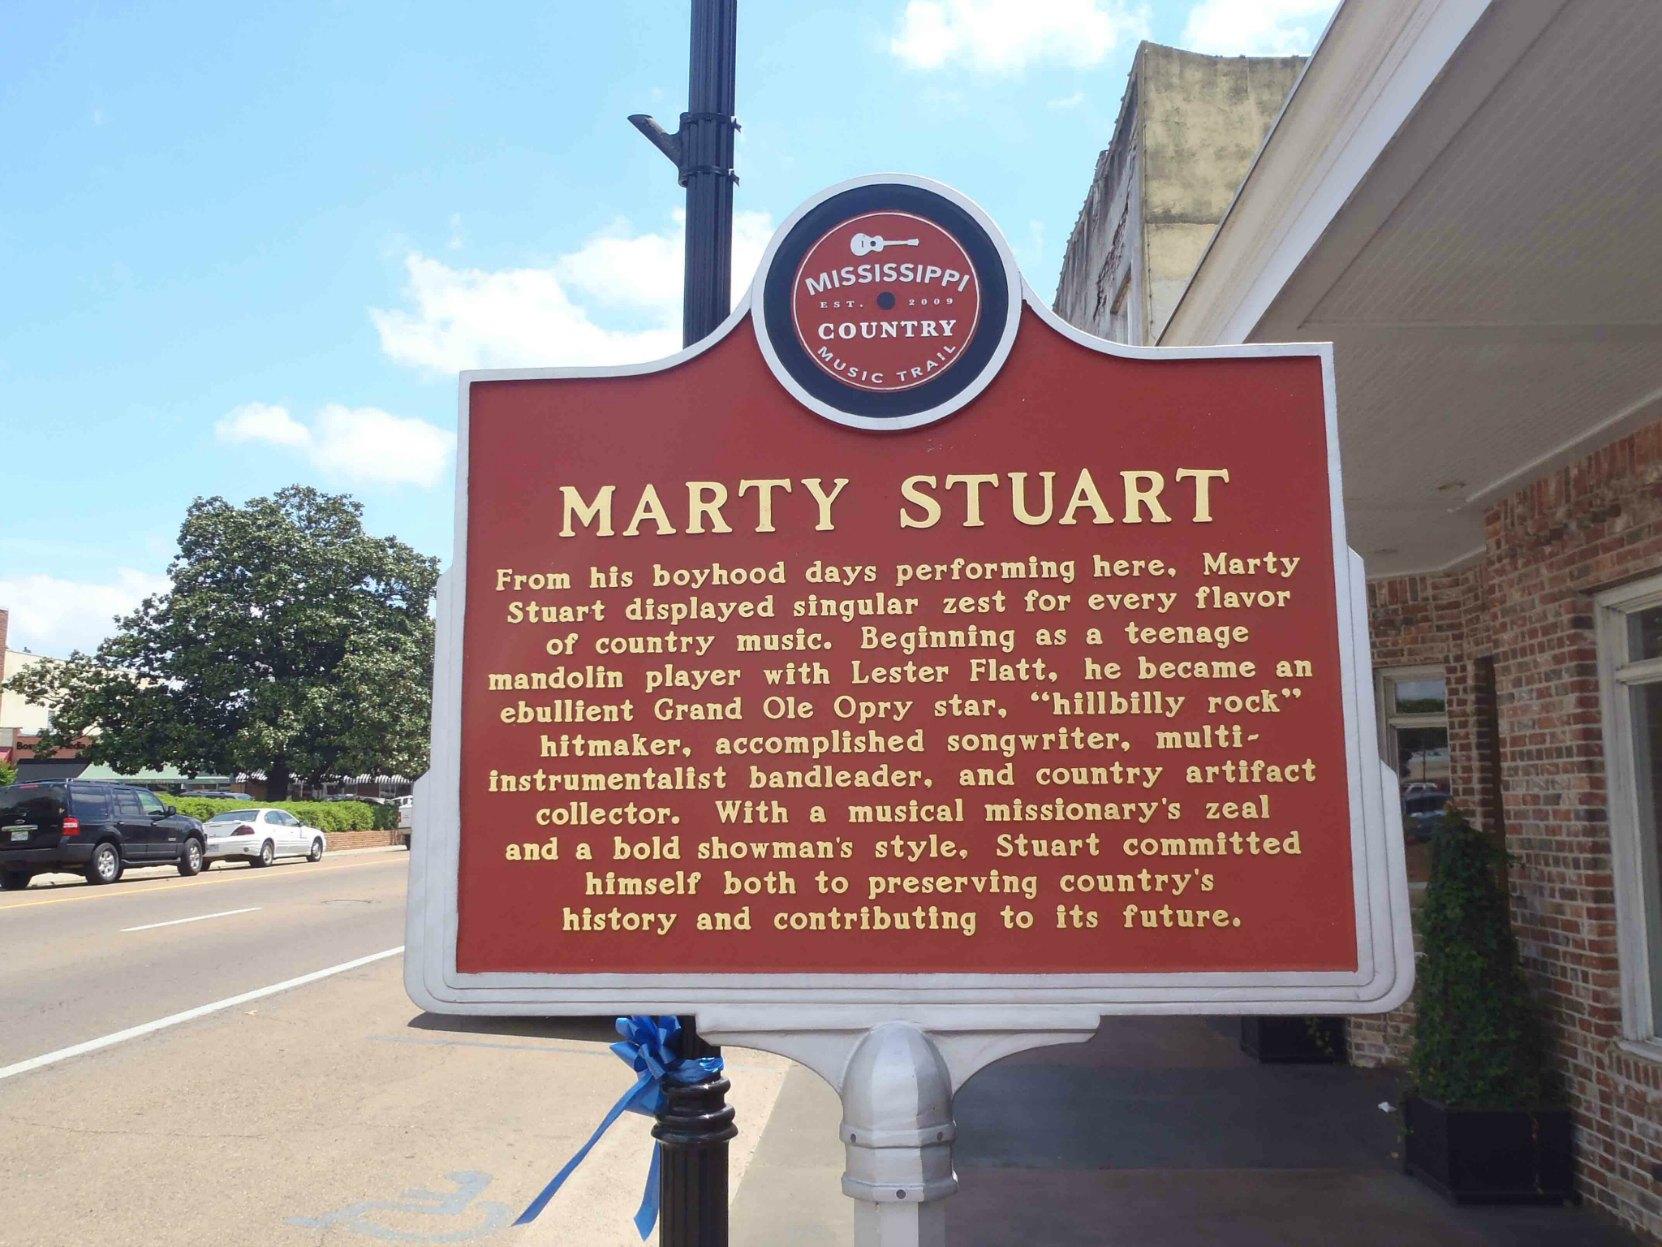 Mississippi Country Music Trail marker for Marty Stuart, Philadelphia, Neshoba County, Mississippi